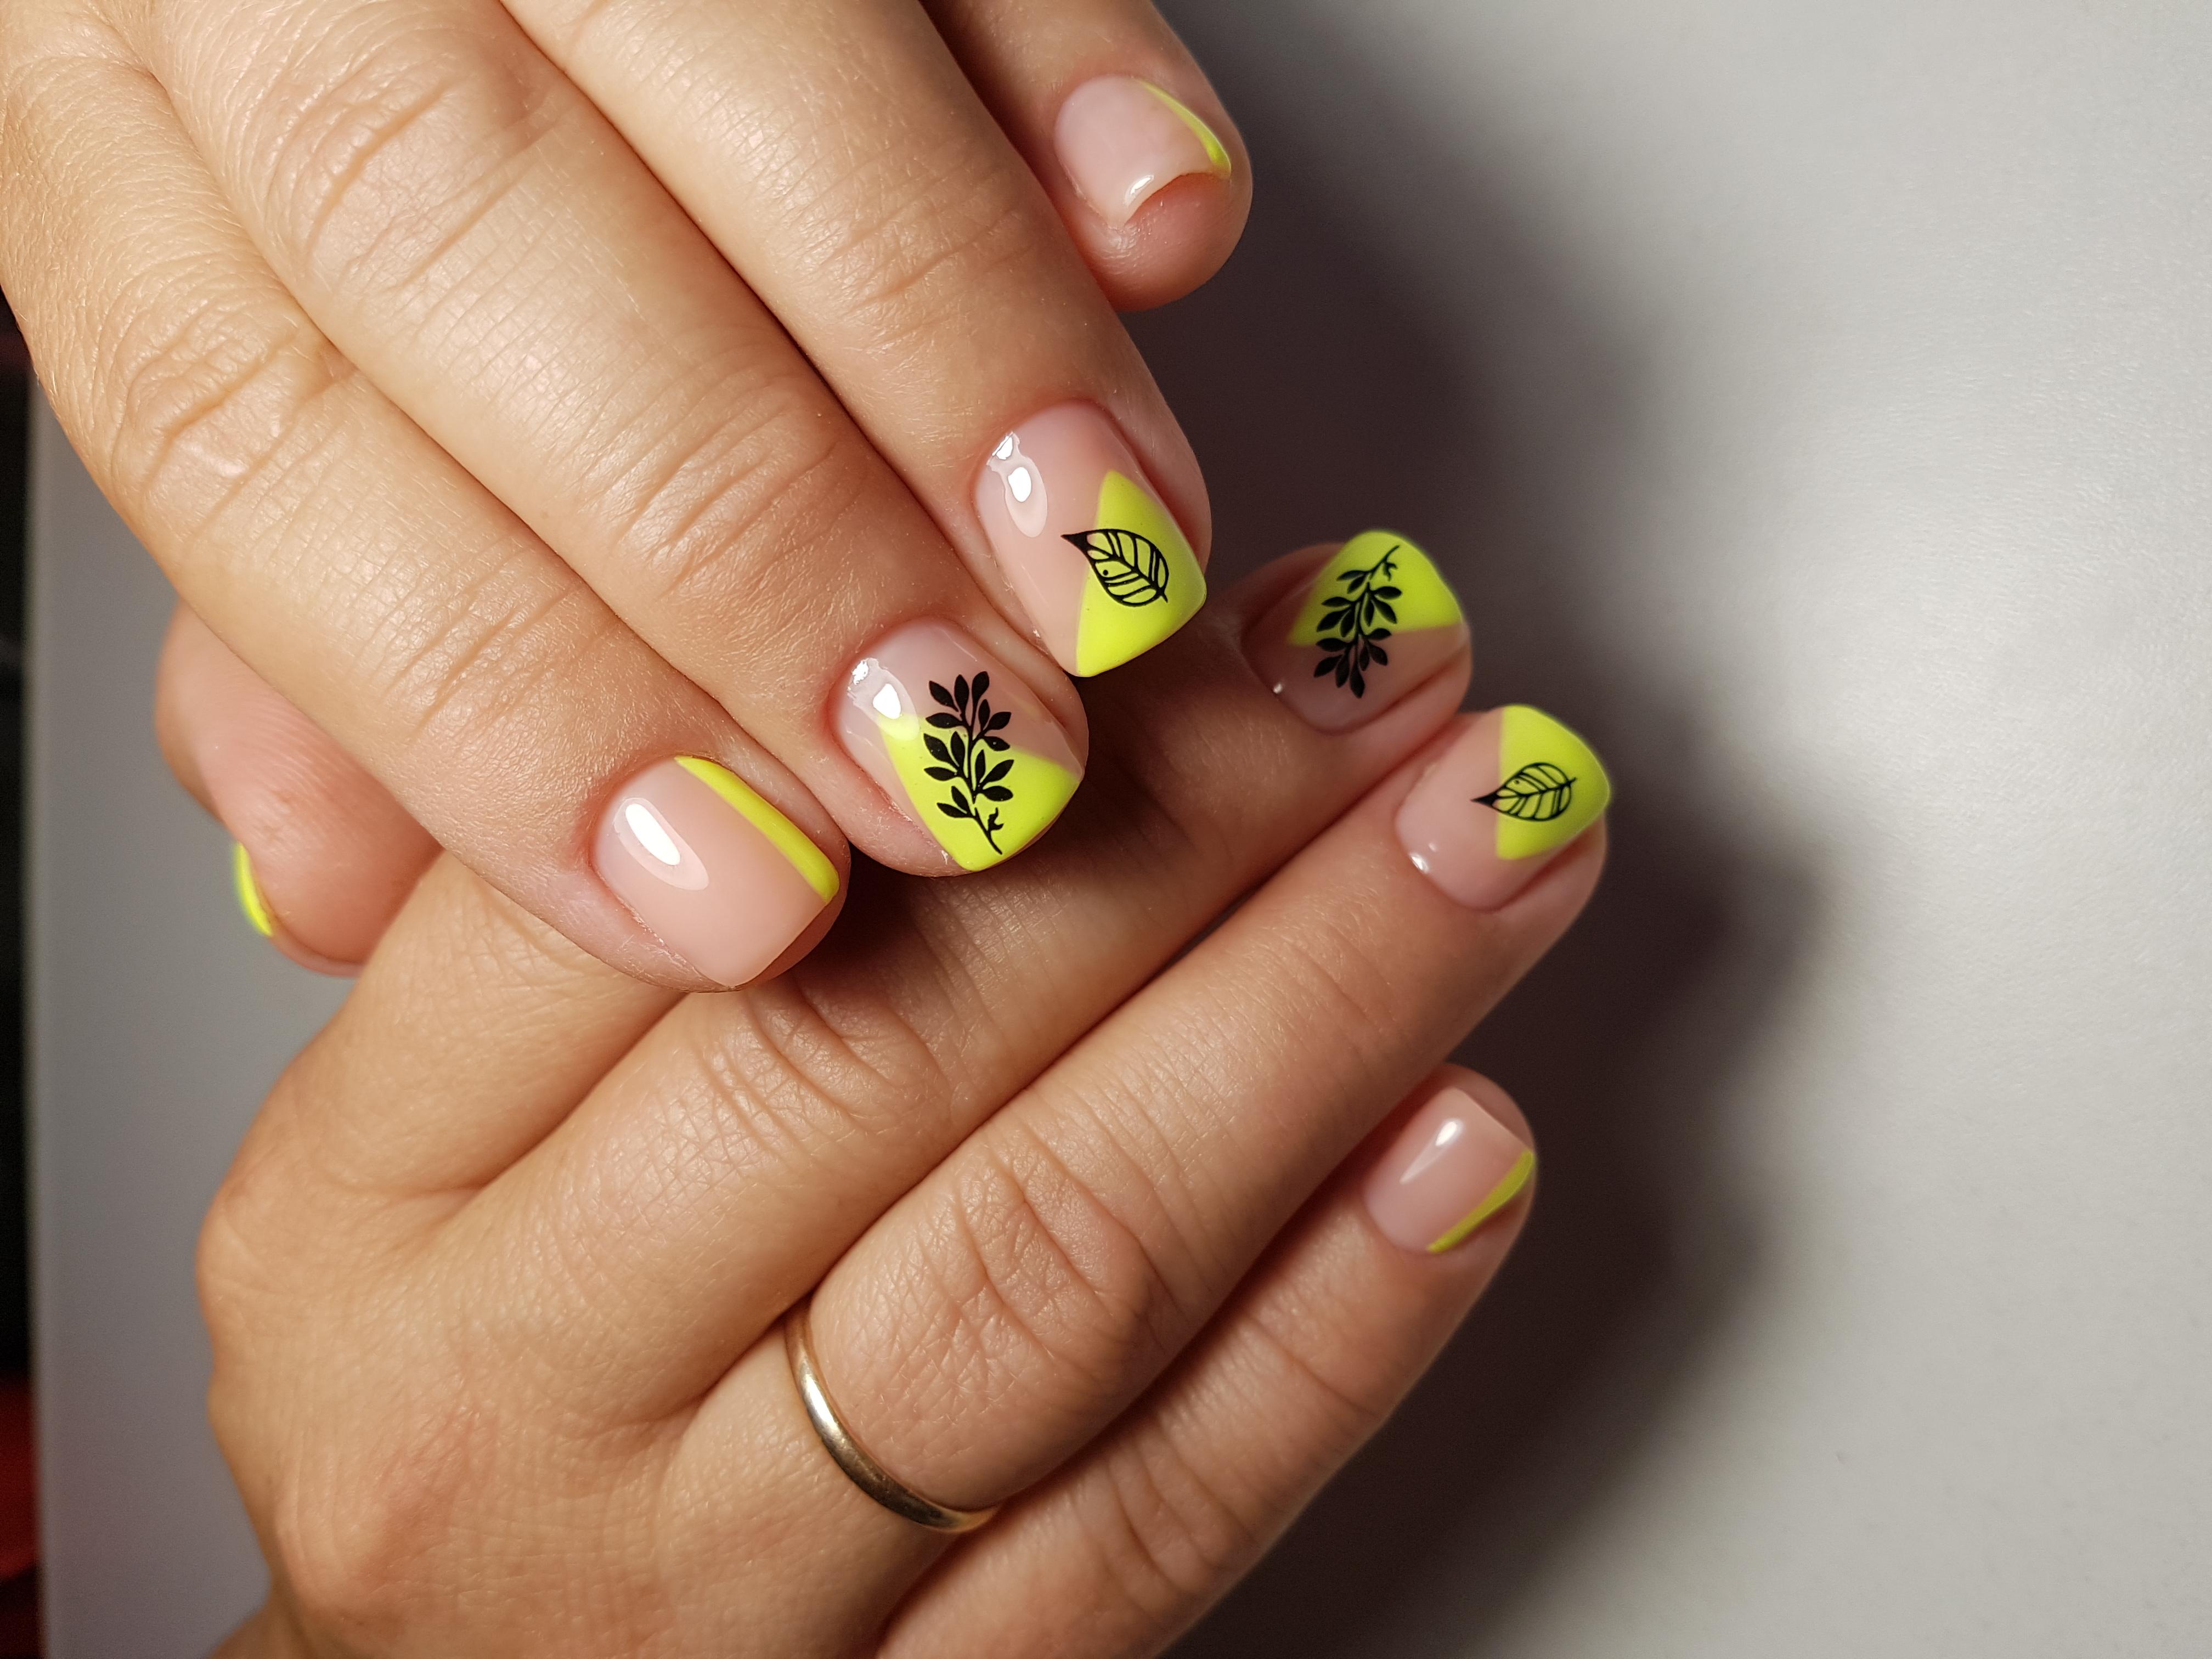 Геометрический маникюр с растительными слайдерами на короткие ногти.